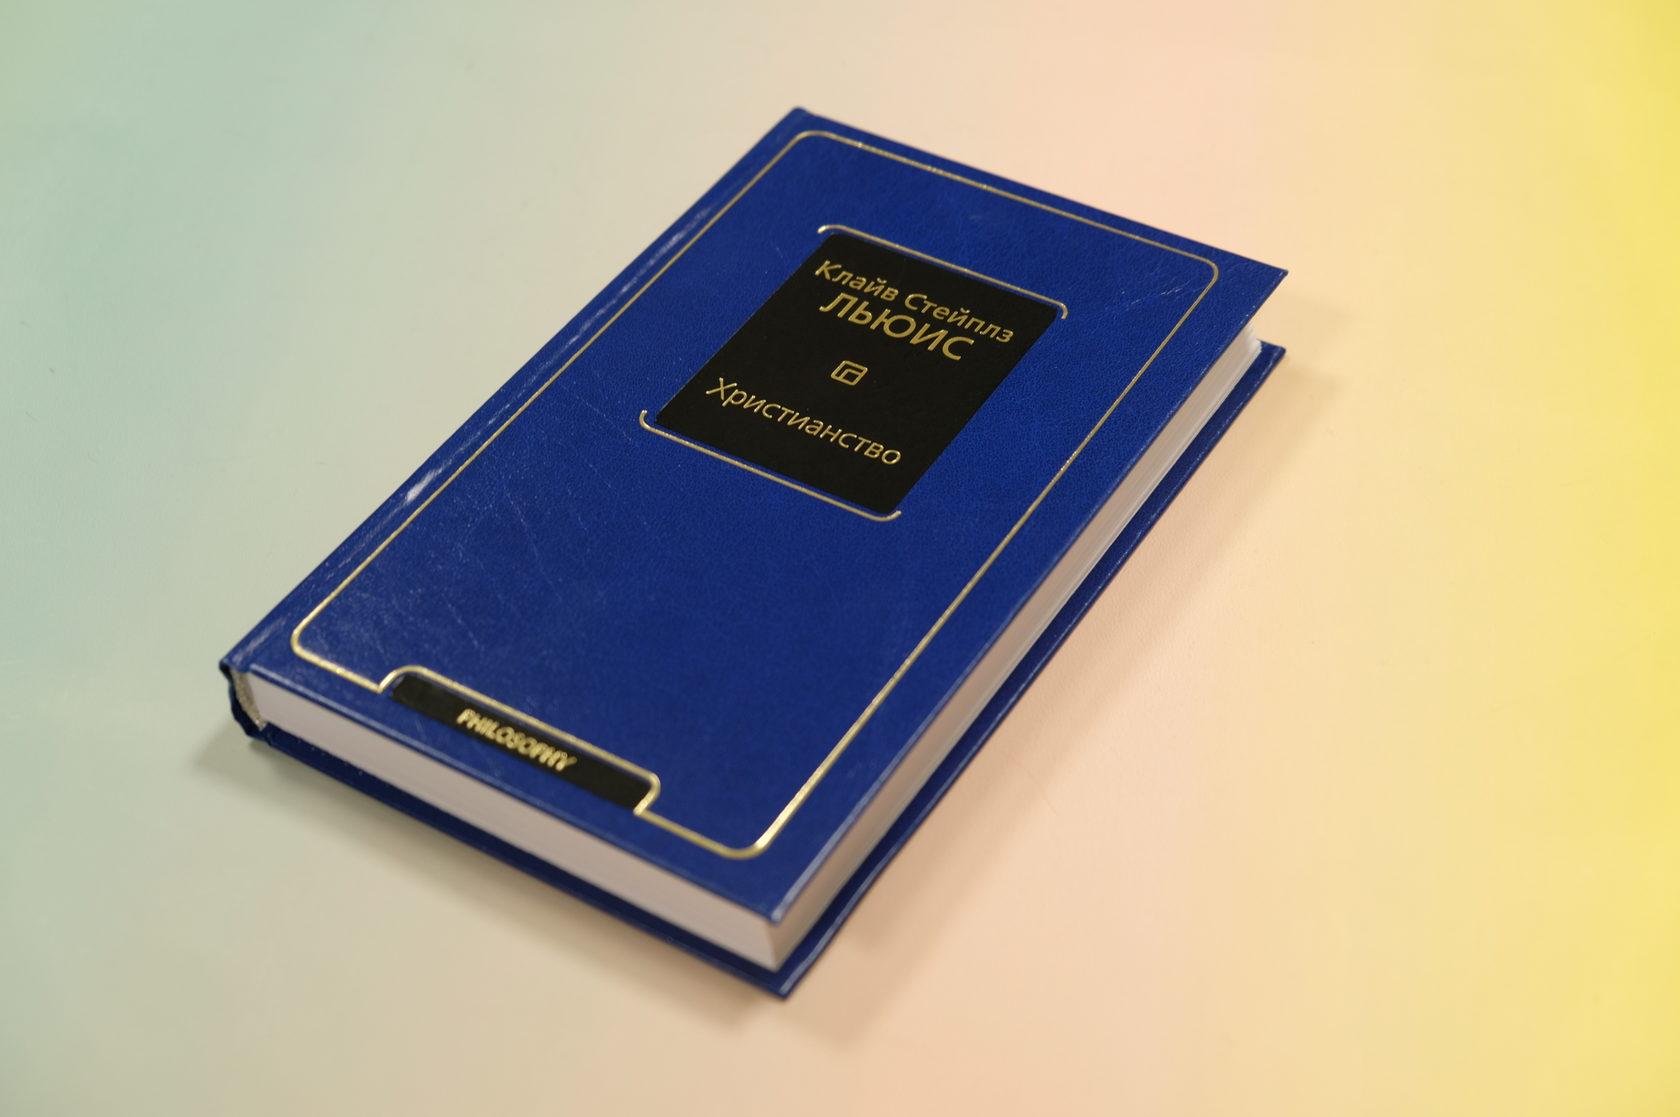 Клайв Стейплз Льюис «Христианство» (978-5-17-106430-3)